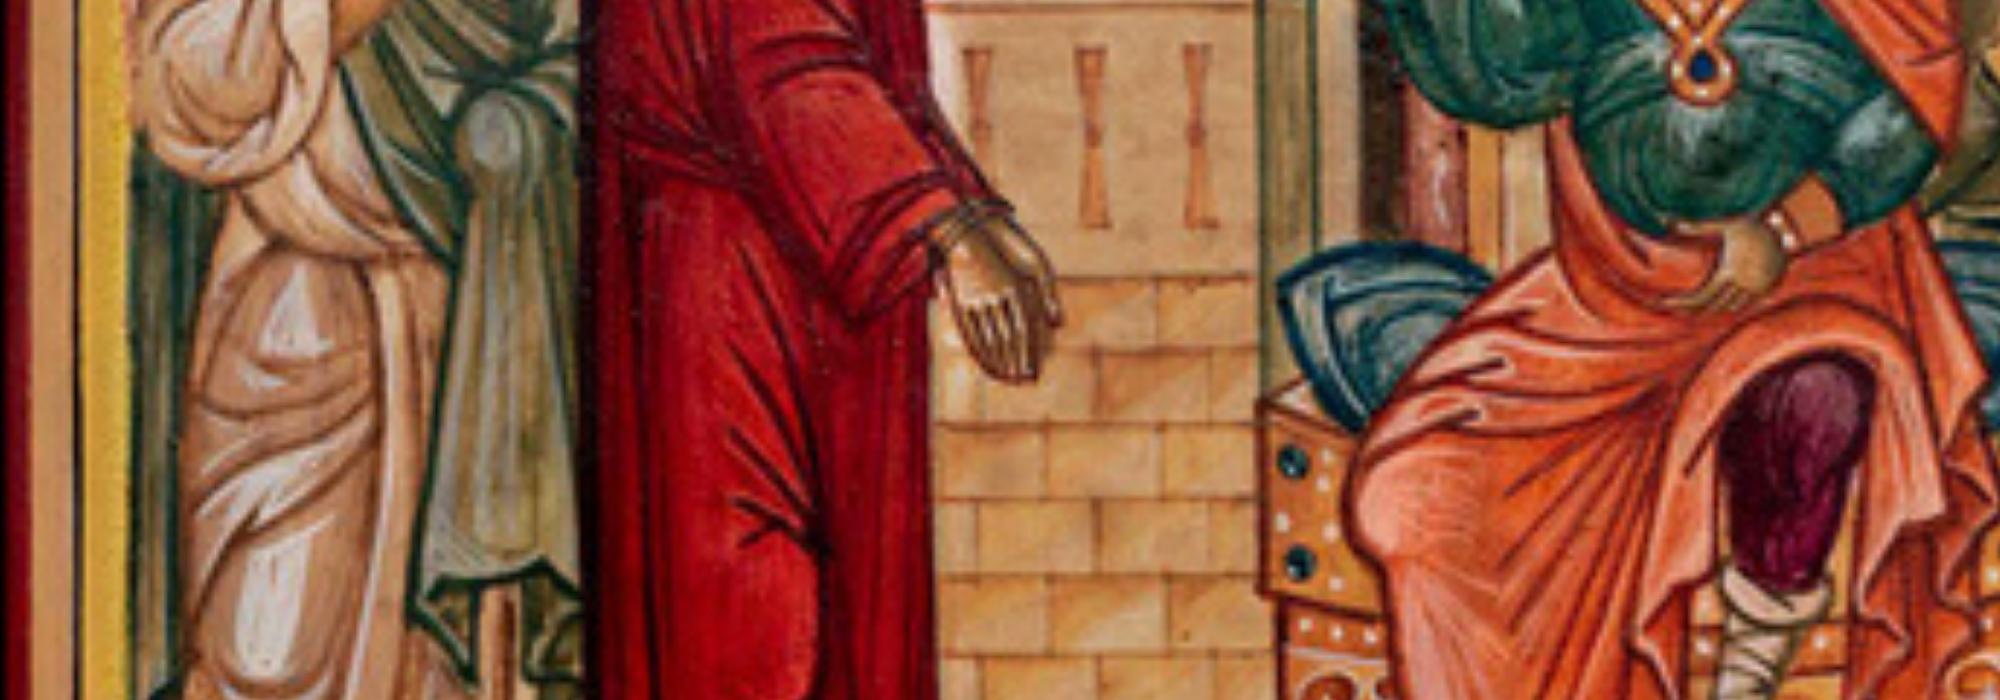 1.MärzHeader - Jesus sind die Hände gebunden.